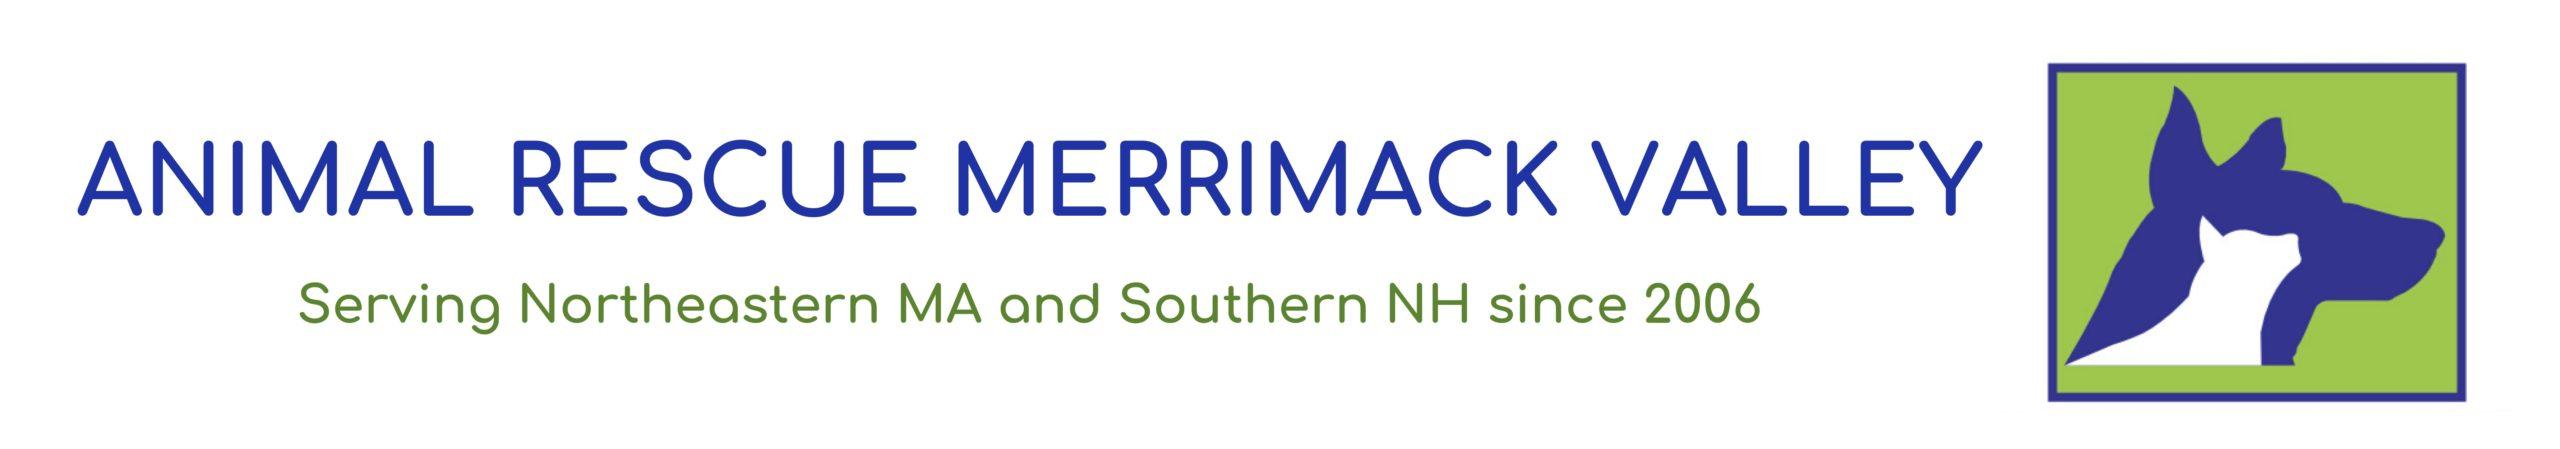 Animal Rescue Merrimack Valley